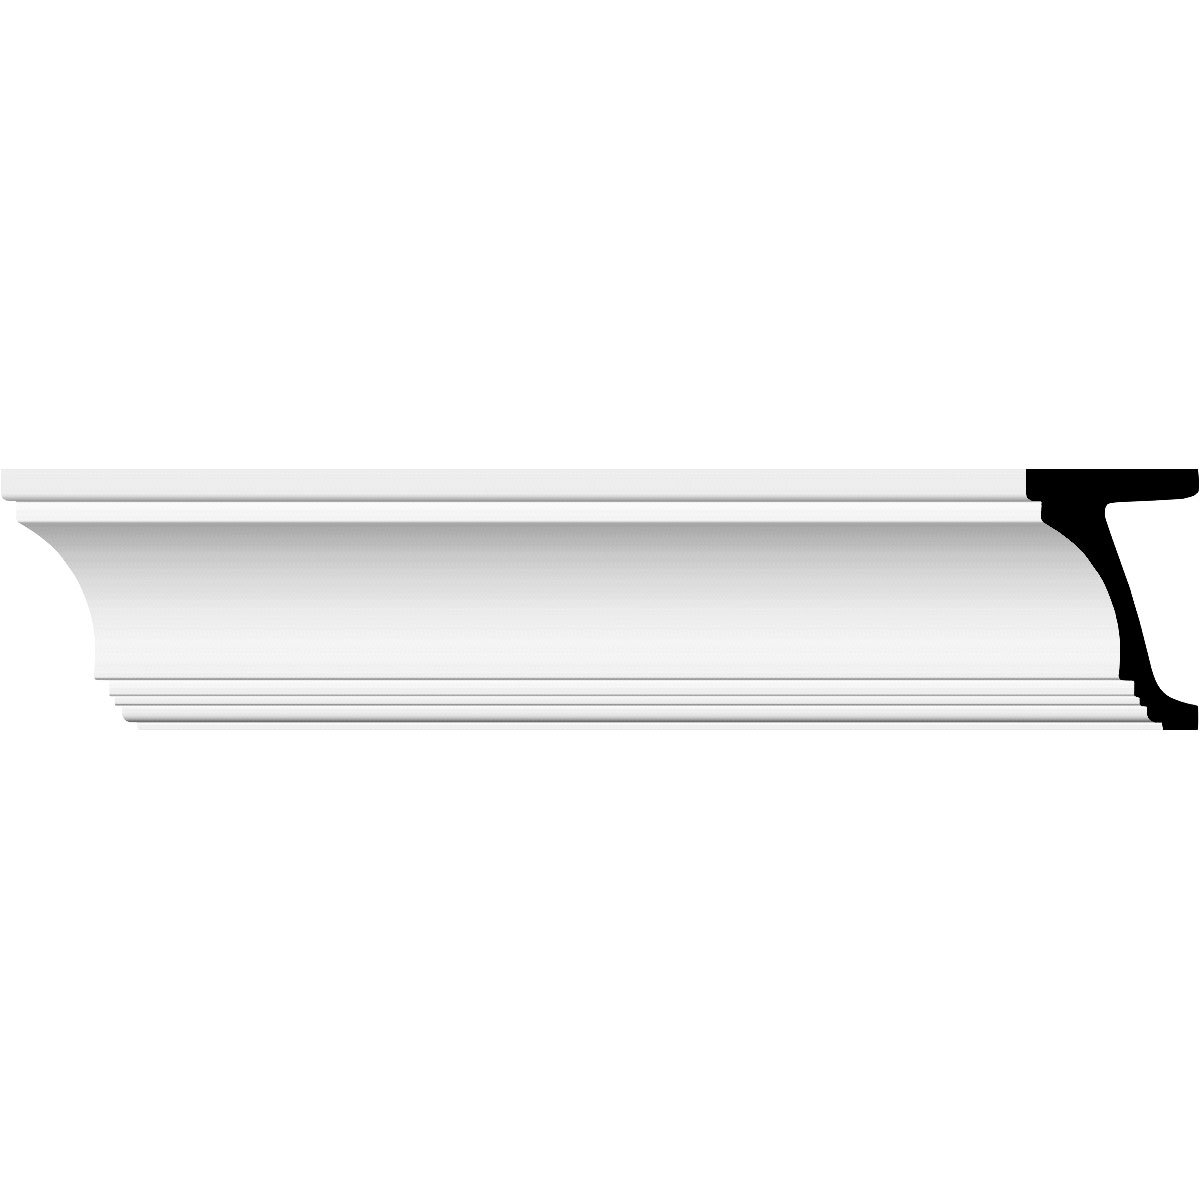 Ekena Millwork MLD10X06ST 9 5/8''H x 6 1/8''P x 94 1/2''L Standard Moulding